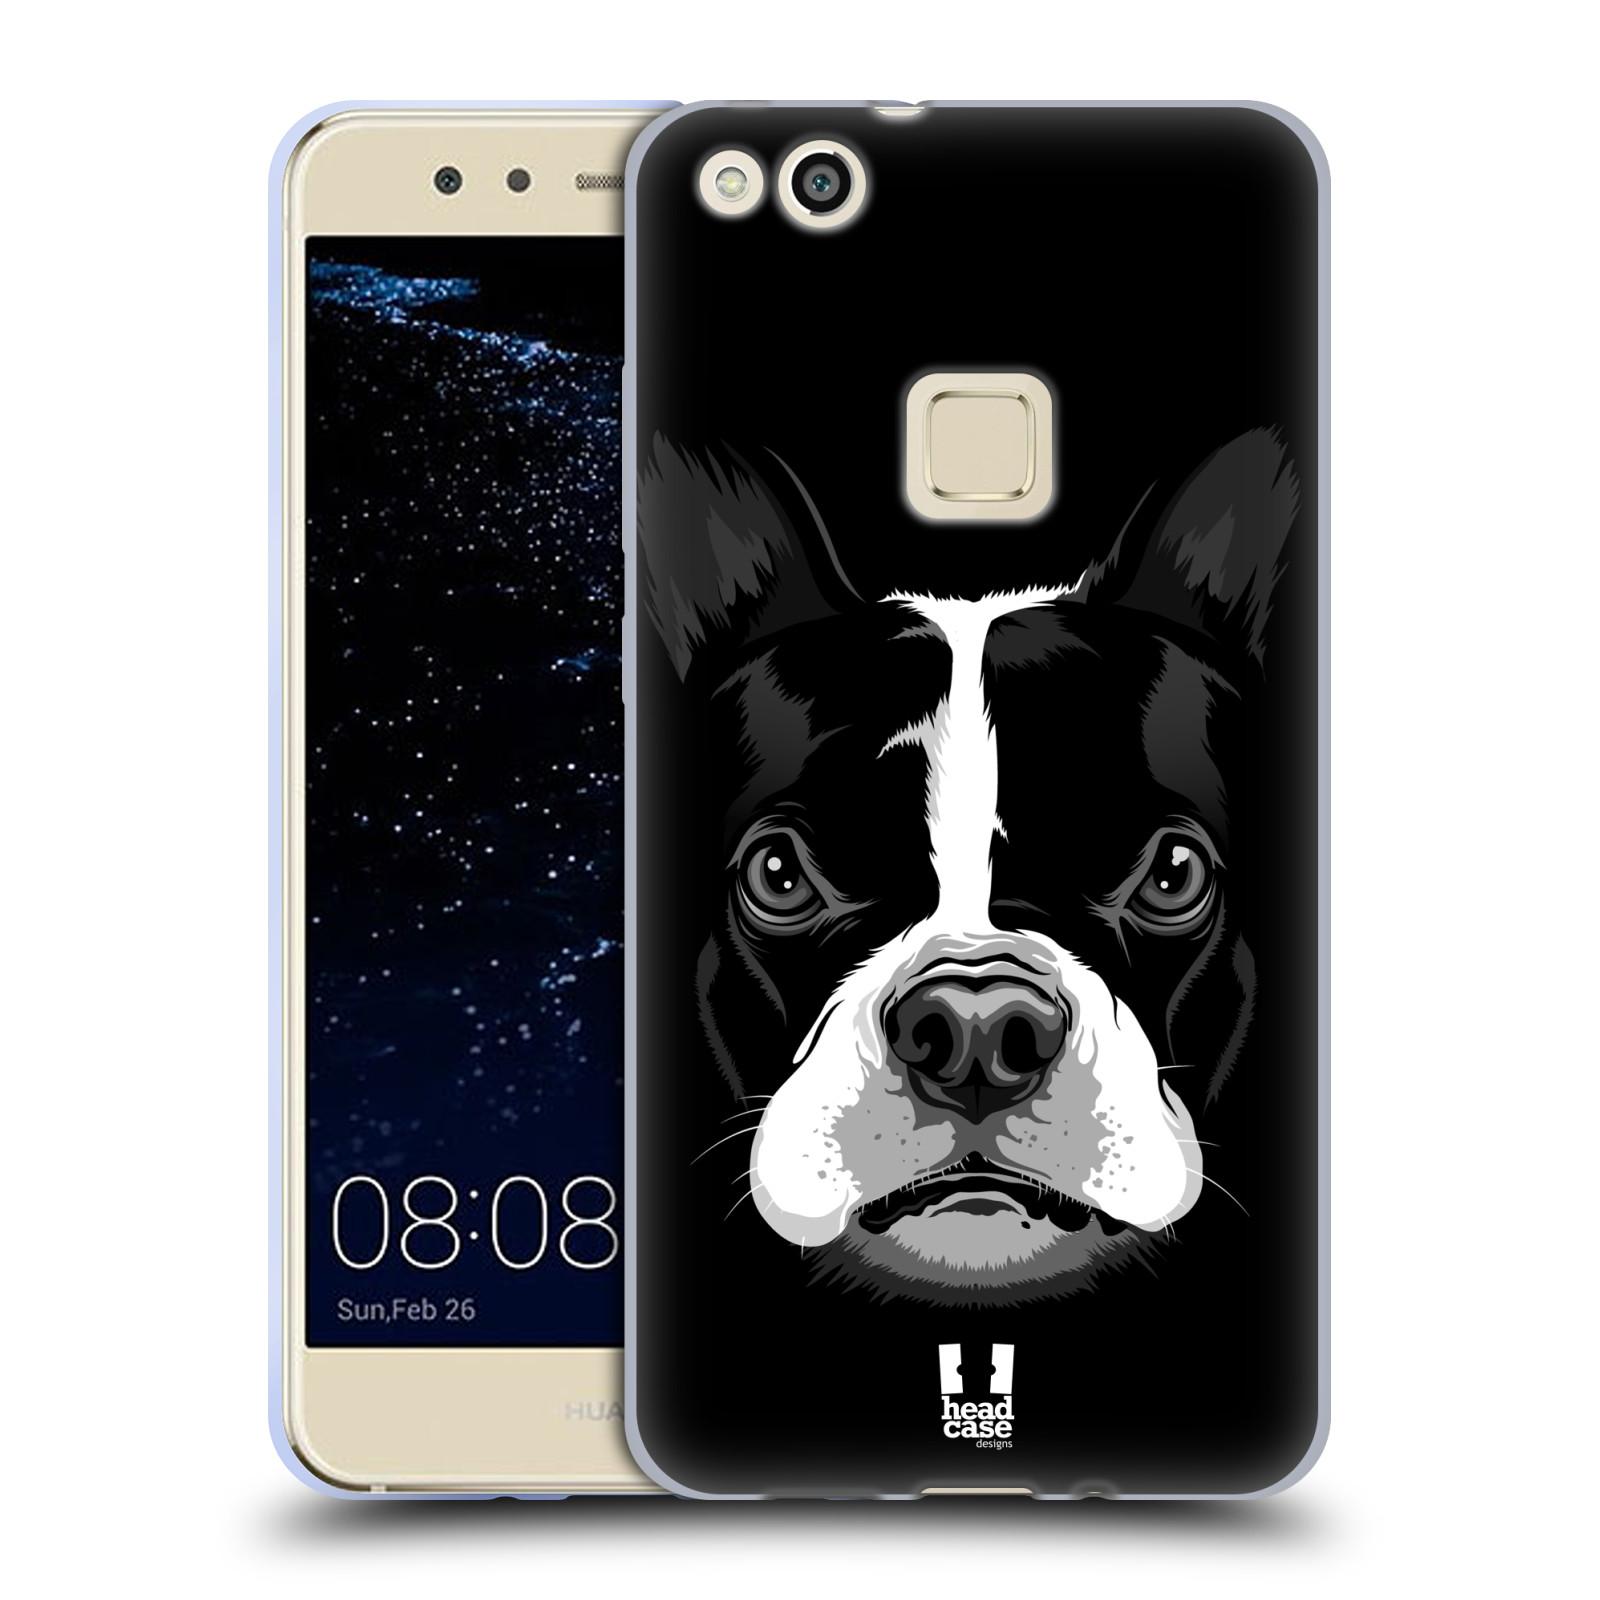 Silikonové pouzdro na mobil Huawei P10 Lite Head Case - ILUSTROVANÝ BULDOČEK